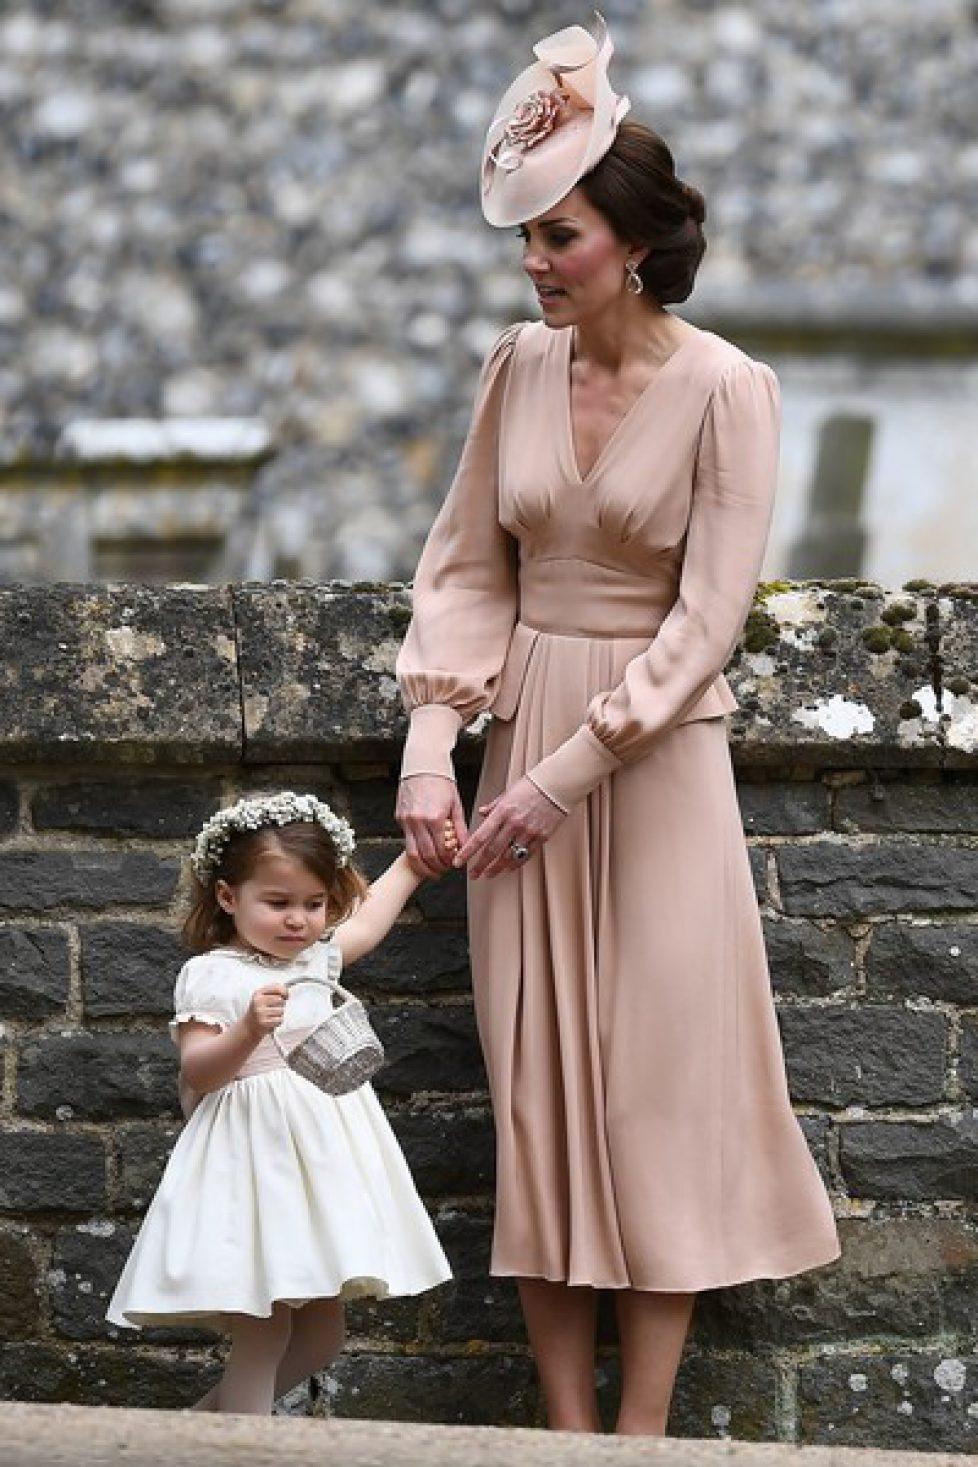 Wedding+Pippa+Middleton+James+Matthews+qMRKG0YejbXl